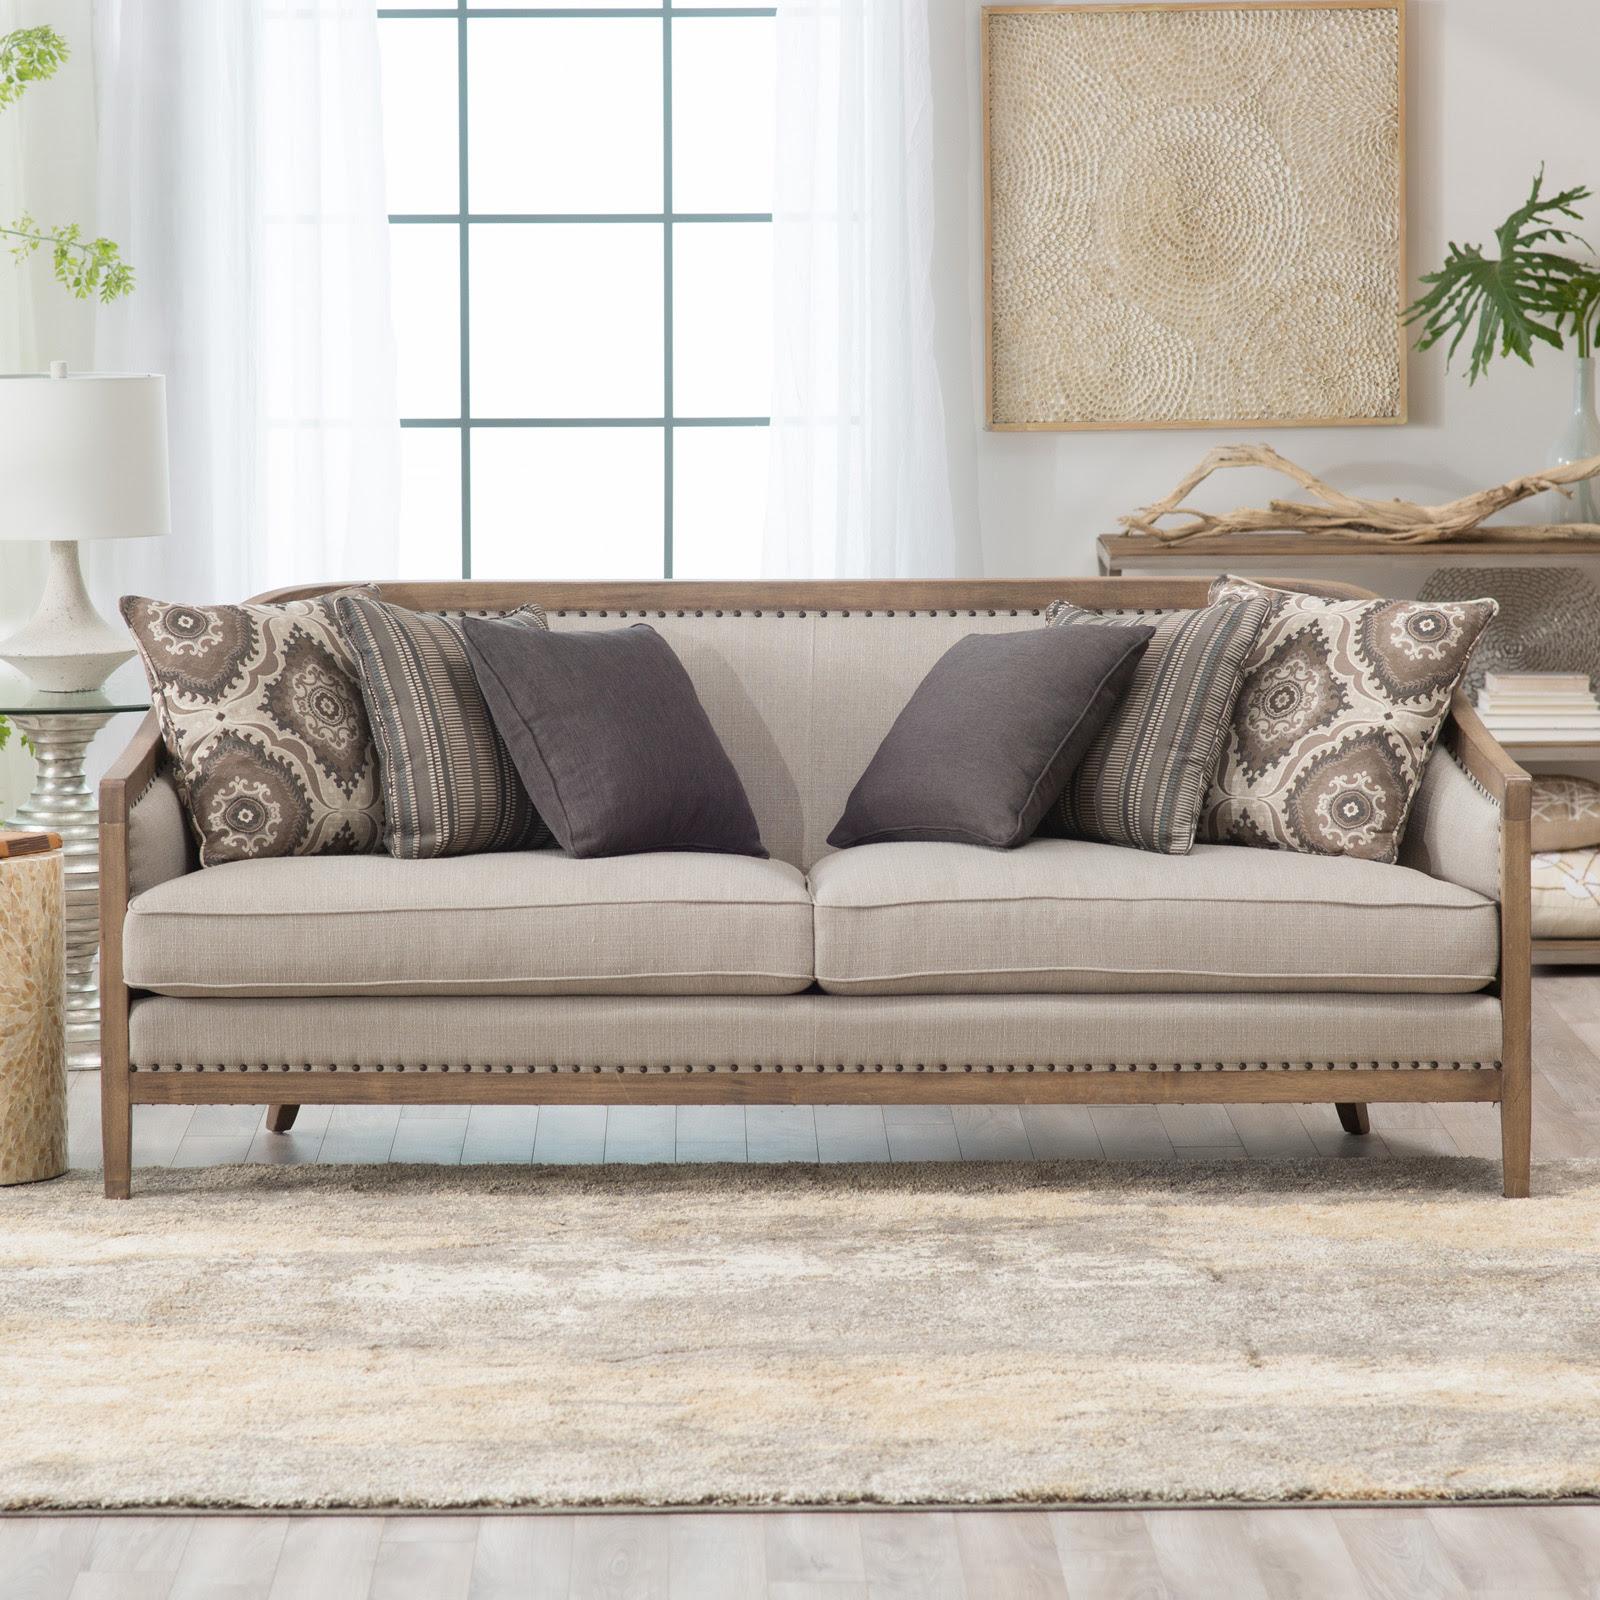 Sofa Design Styles Infographic | Hayneedle.com